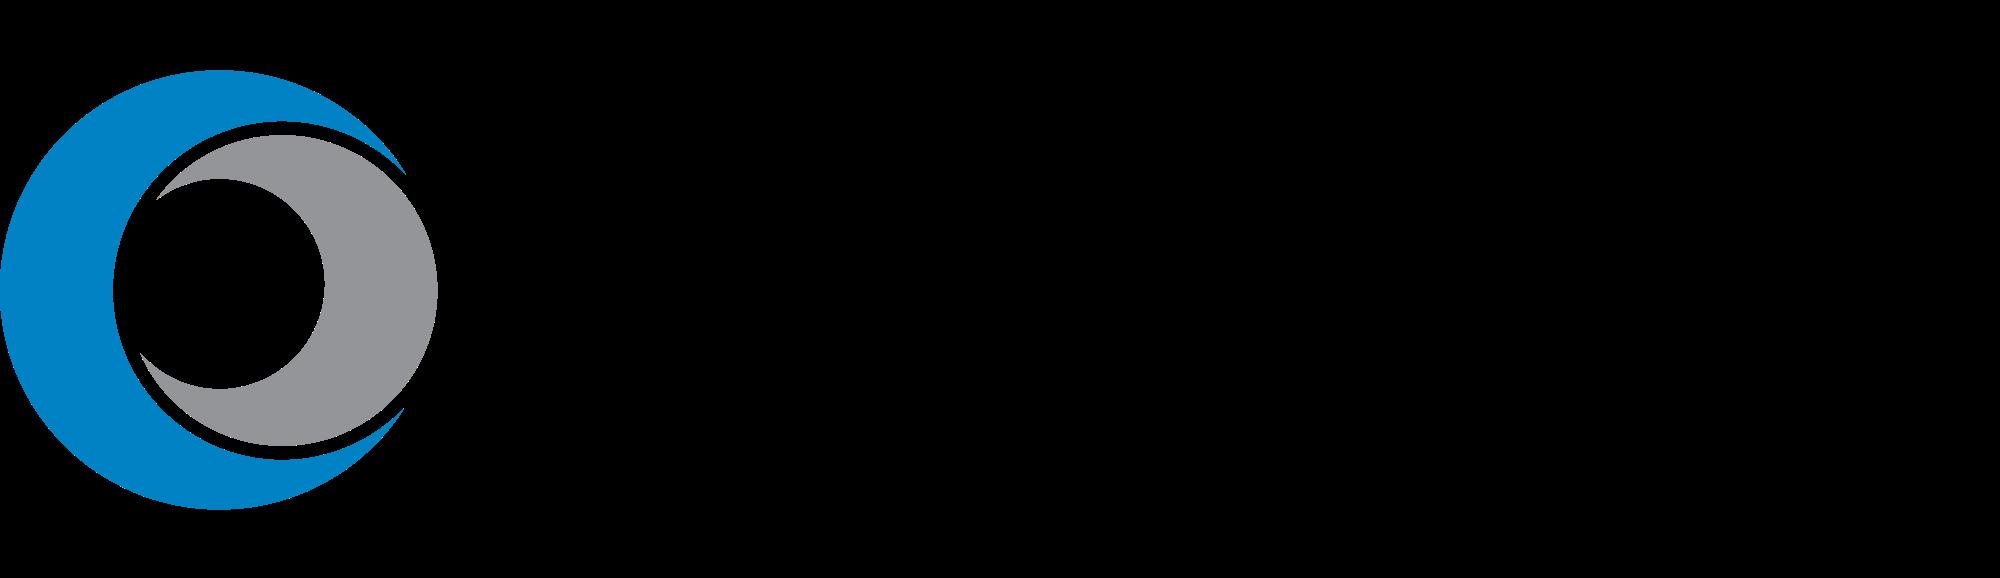 Open PlusPng.com  - Aplic Art Logo Vector PNG